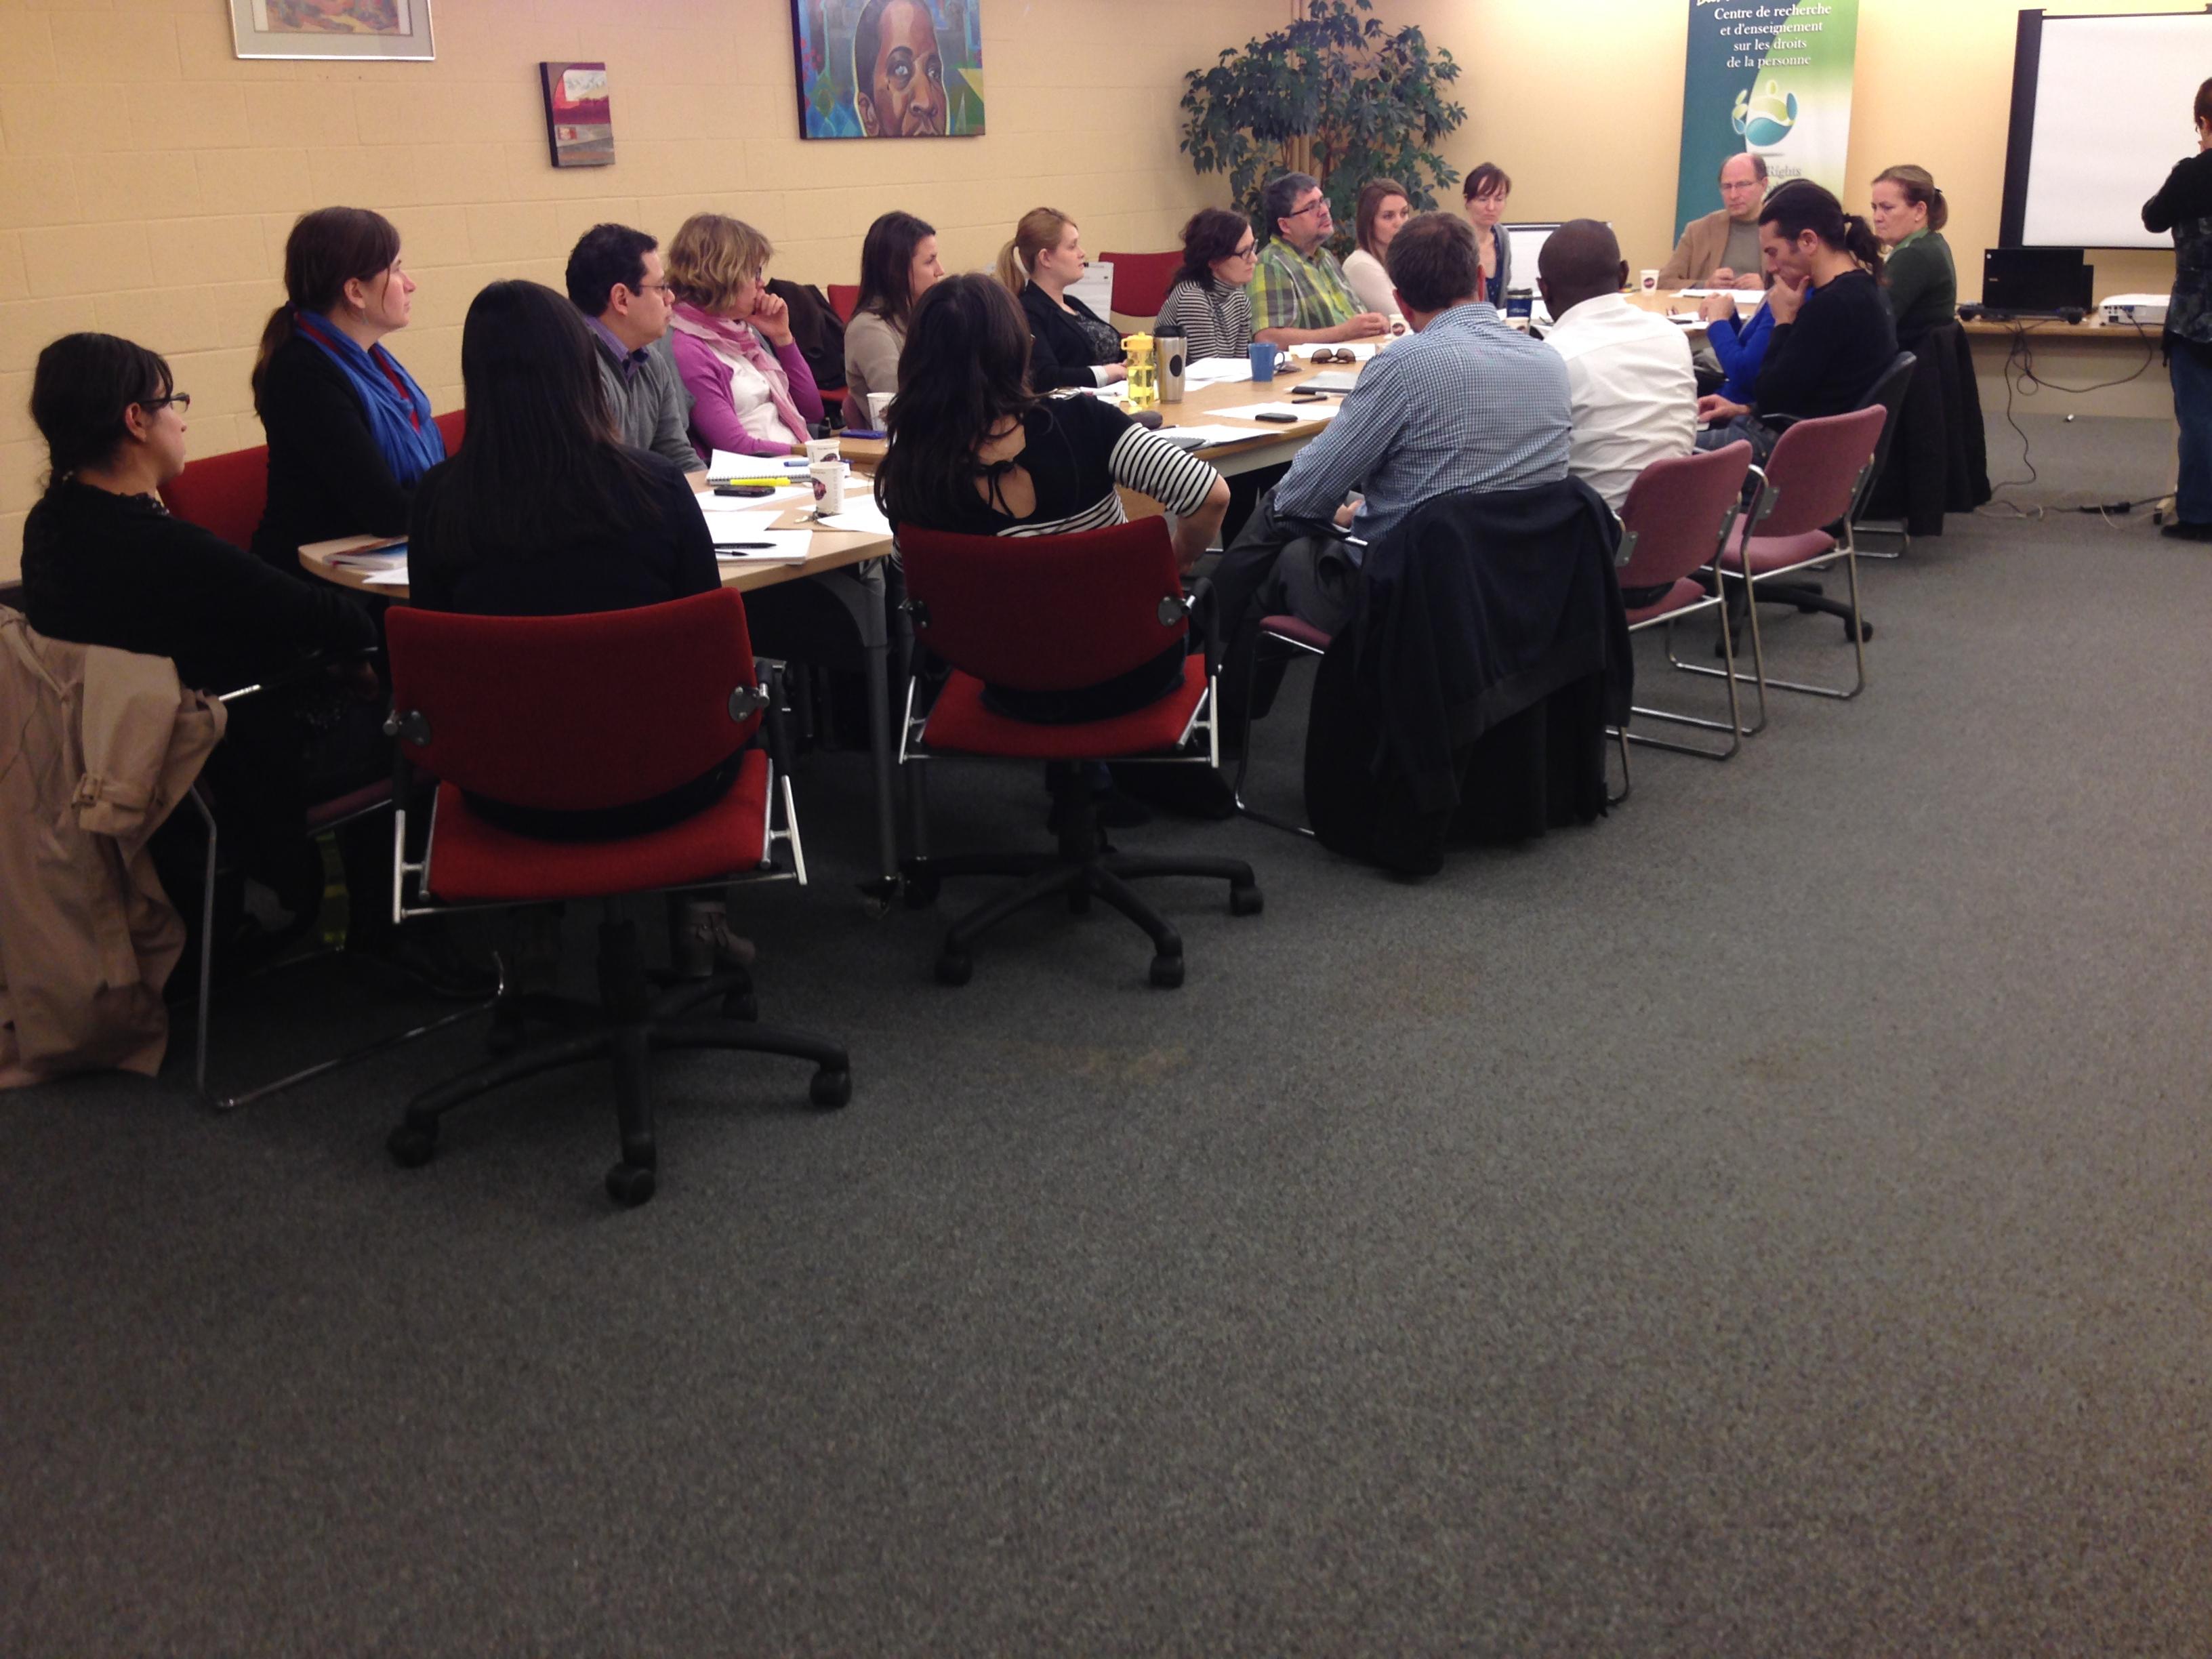 Session de planification stratégique avec les membres du CREDP MAI 28 2014